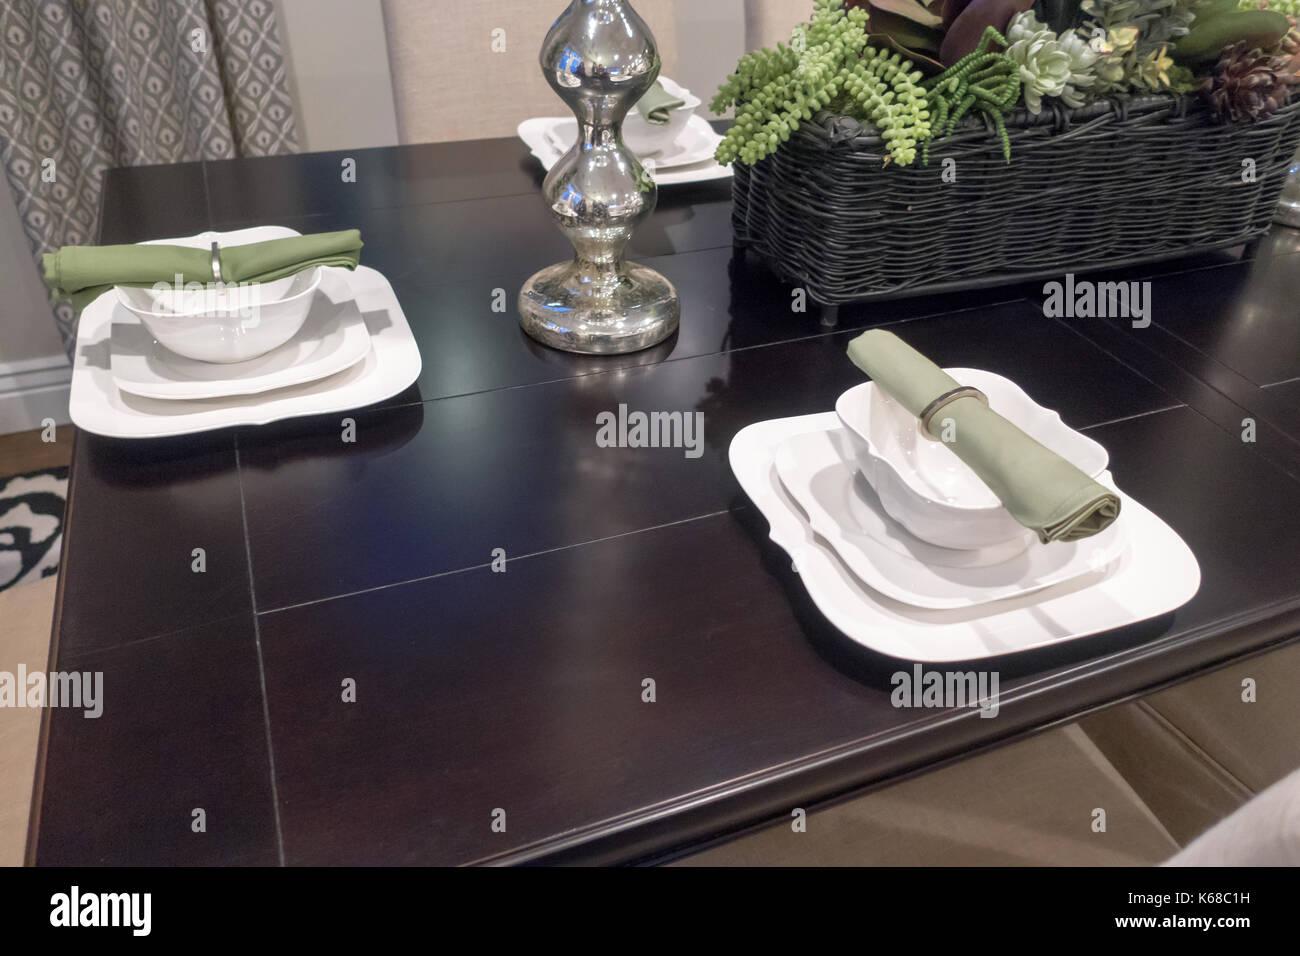 Configuración lugar alrededor de una mesa de comedor marrón con cuencos y servilletas verdes establecidos. Imagen De Stock